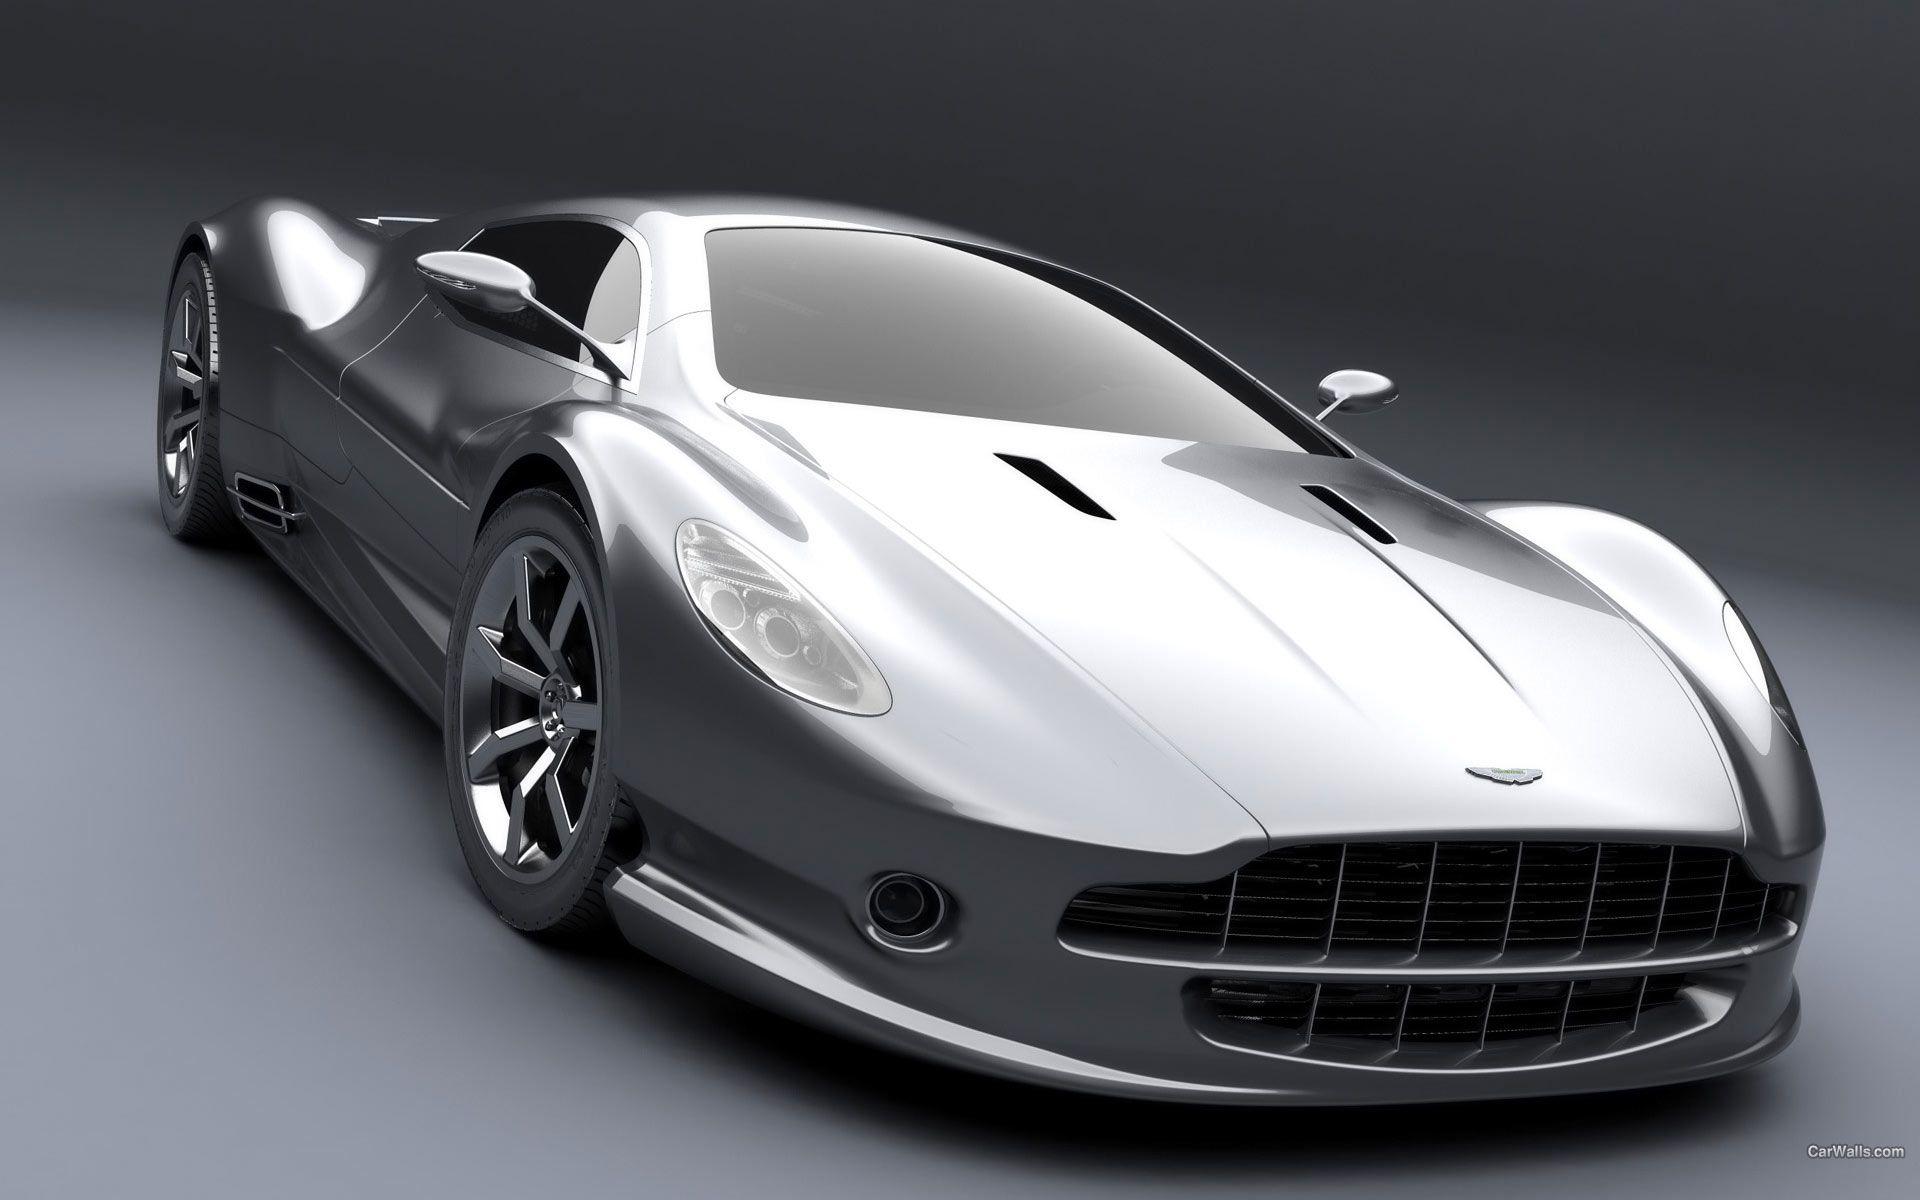 aston martin concept car | move me | cars, aston martin, concept cars